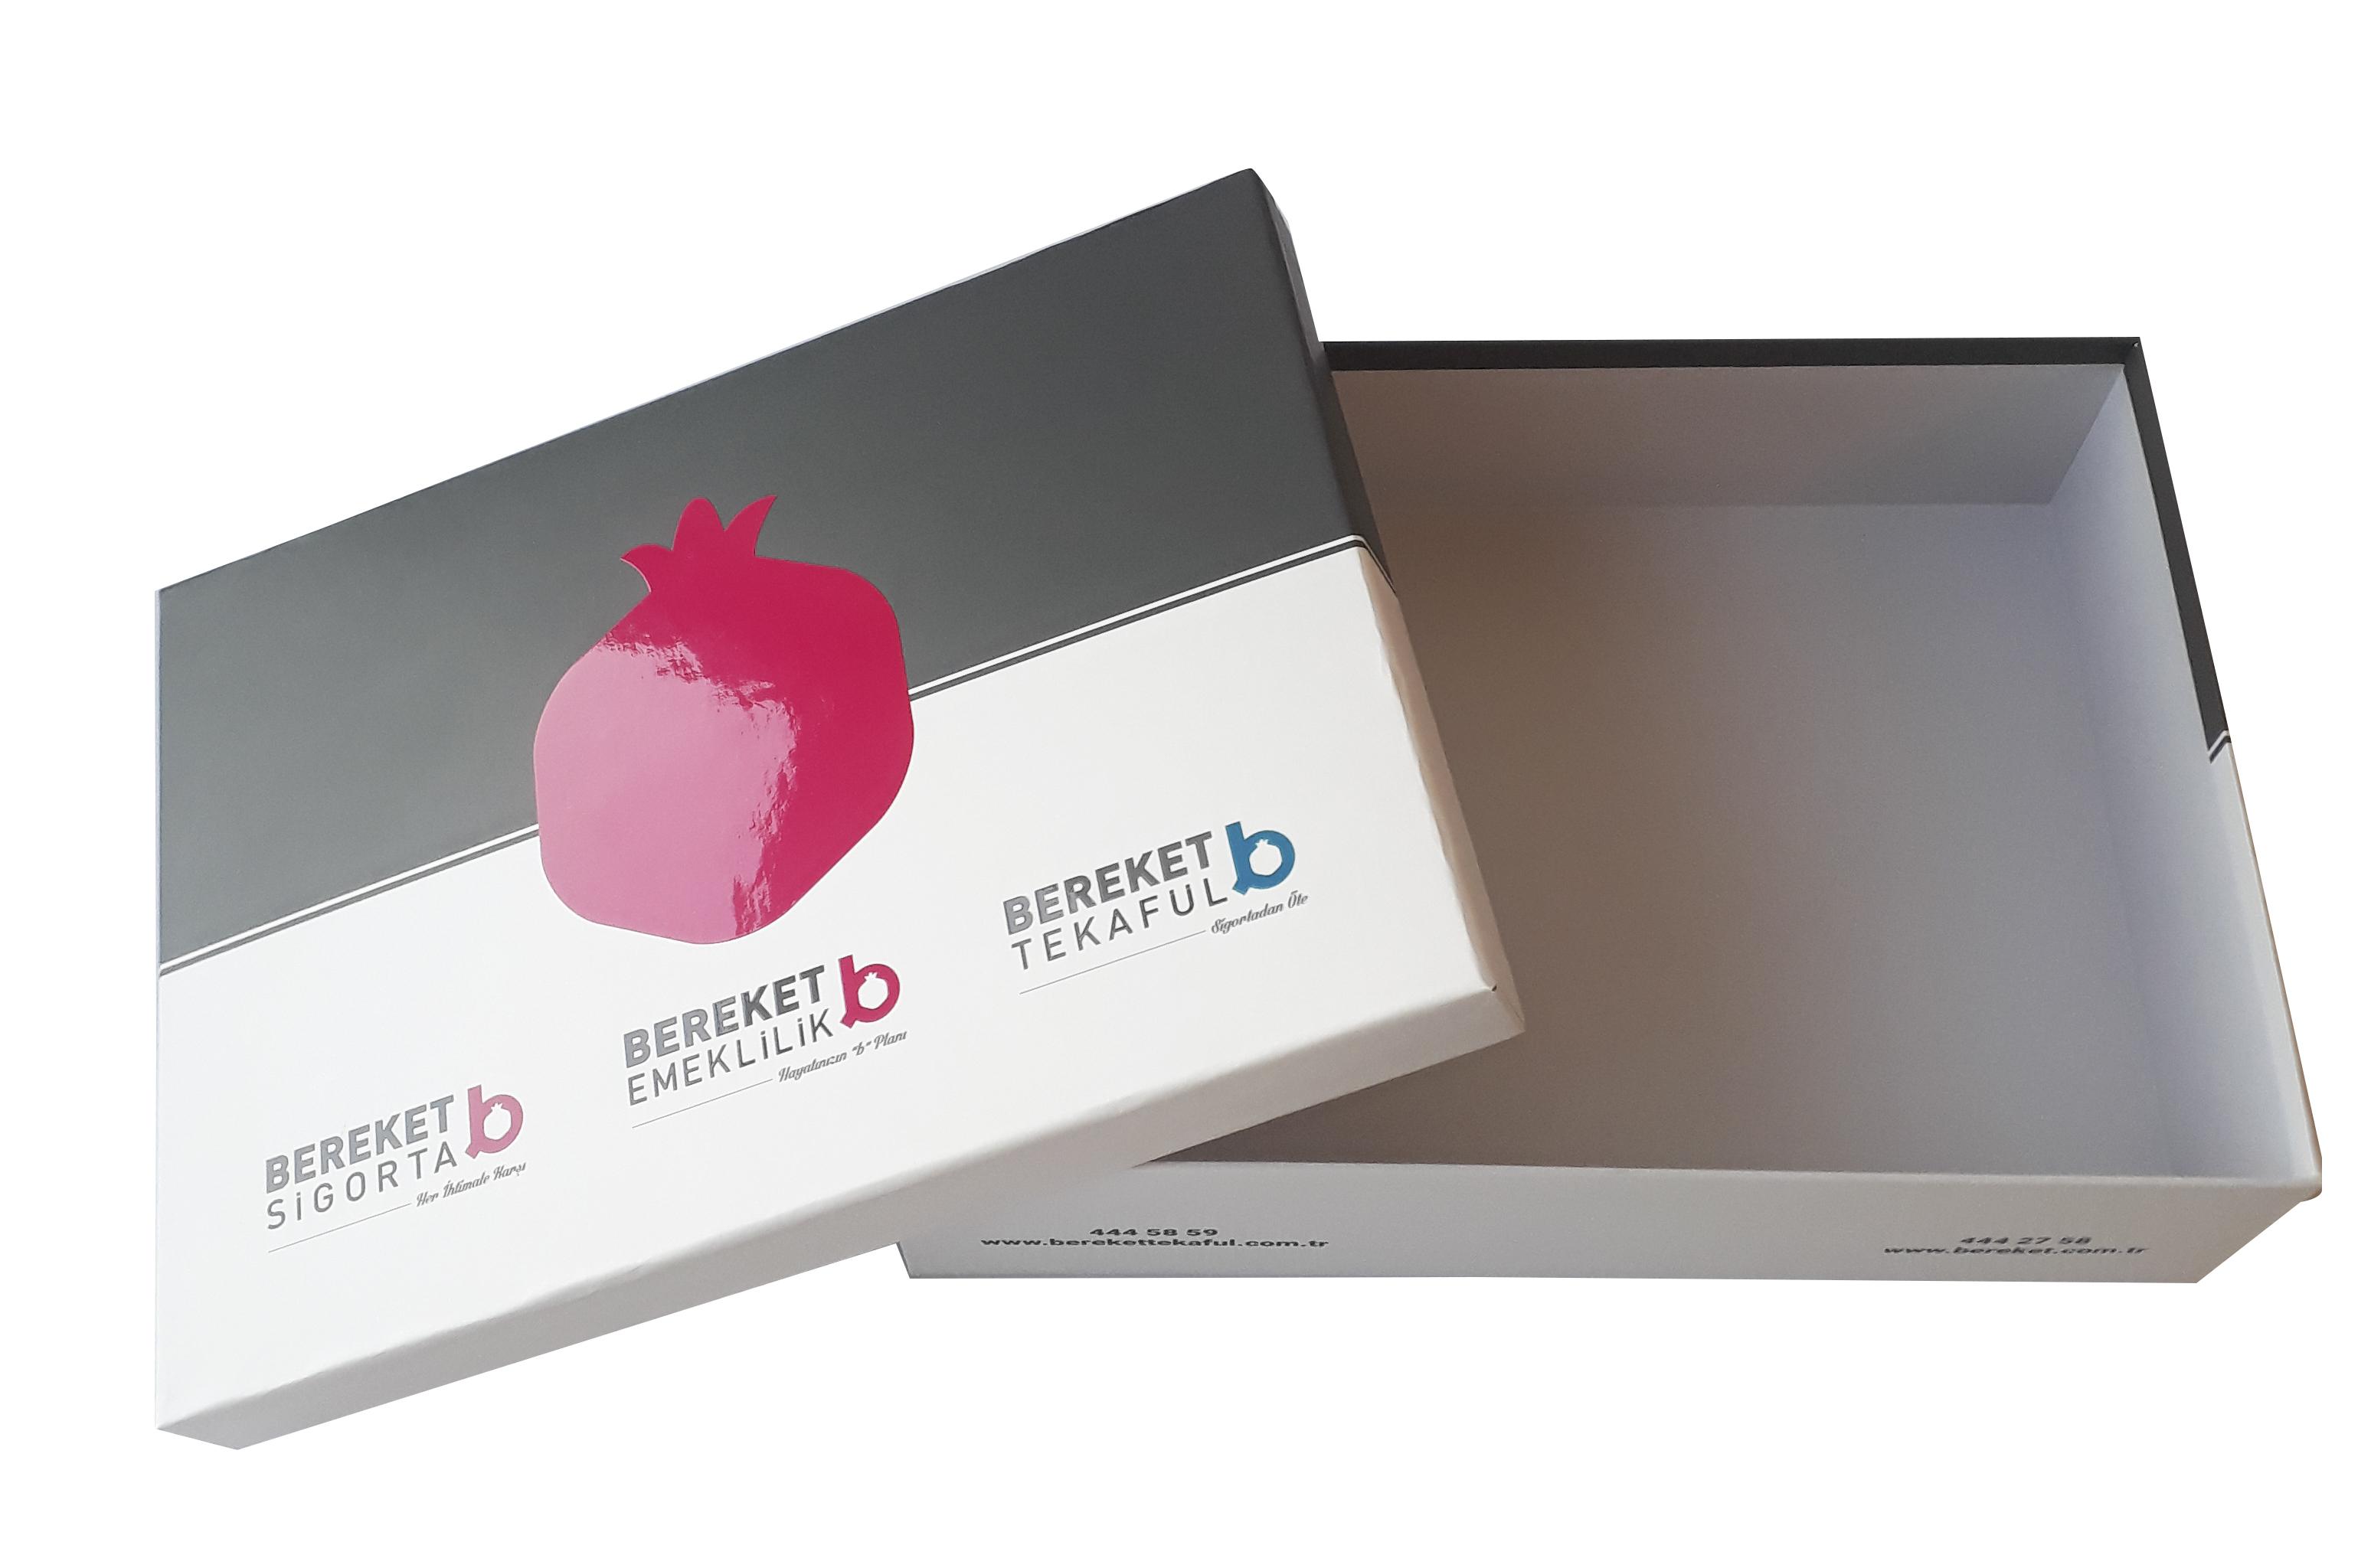 Sert gri mukavva üstüne kağıt sıvama yapılarak üretilen kutulardır. Genellik lüks ürün grupları için kullanılır. Min. 100 adet yapılabilir.